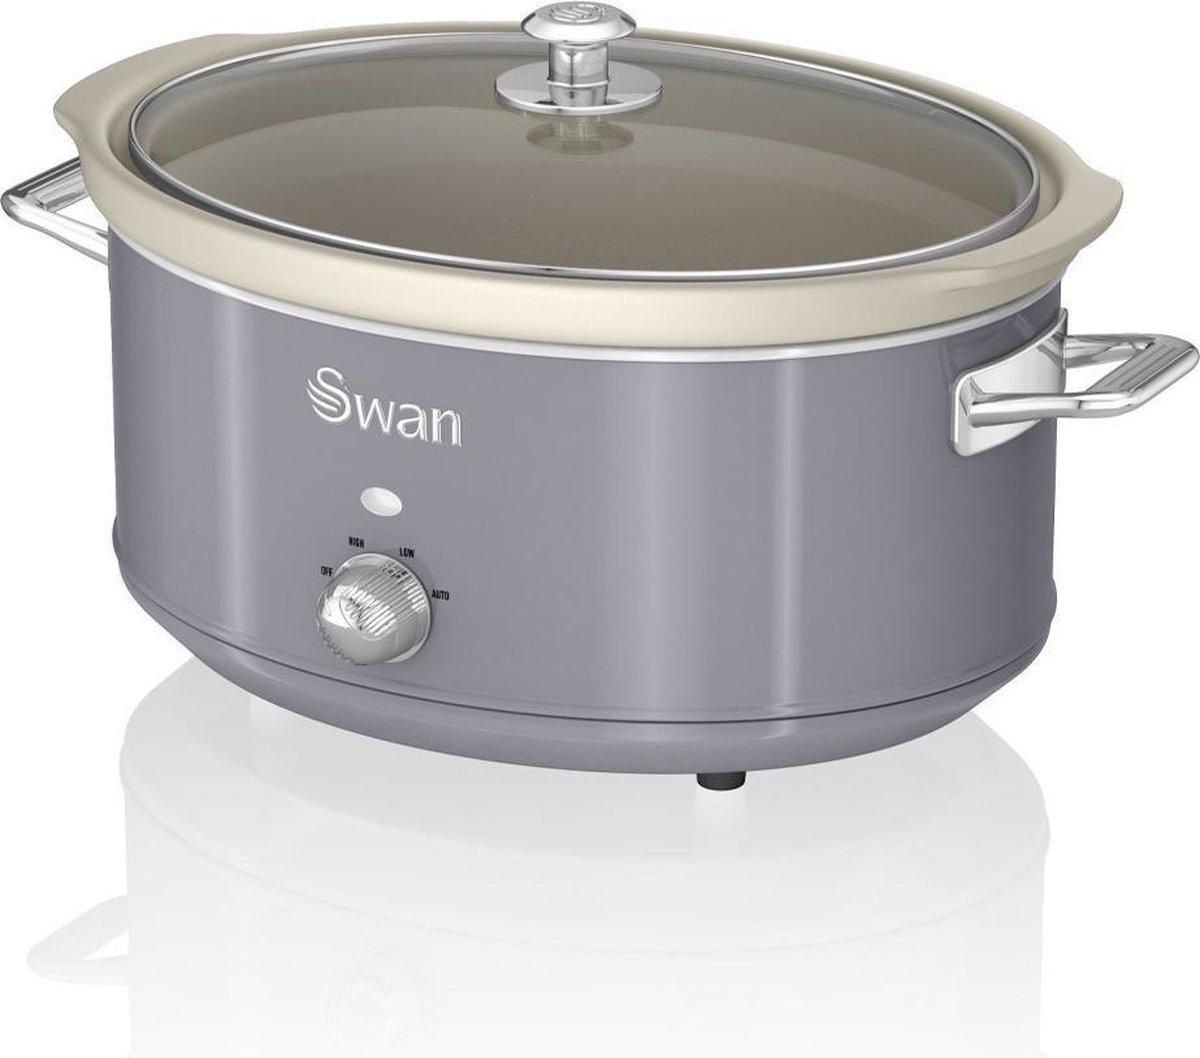 Swan Retro Slowcooker Grijs 6.5 liter online kopen